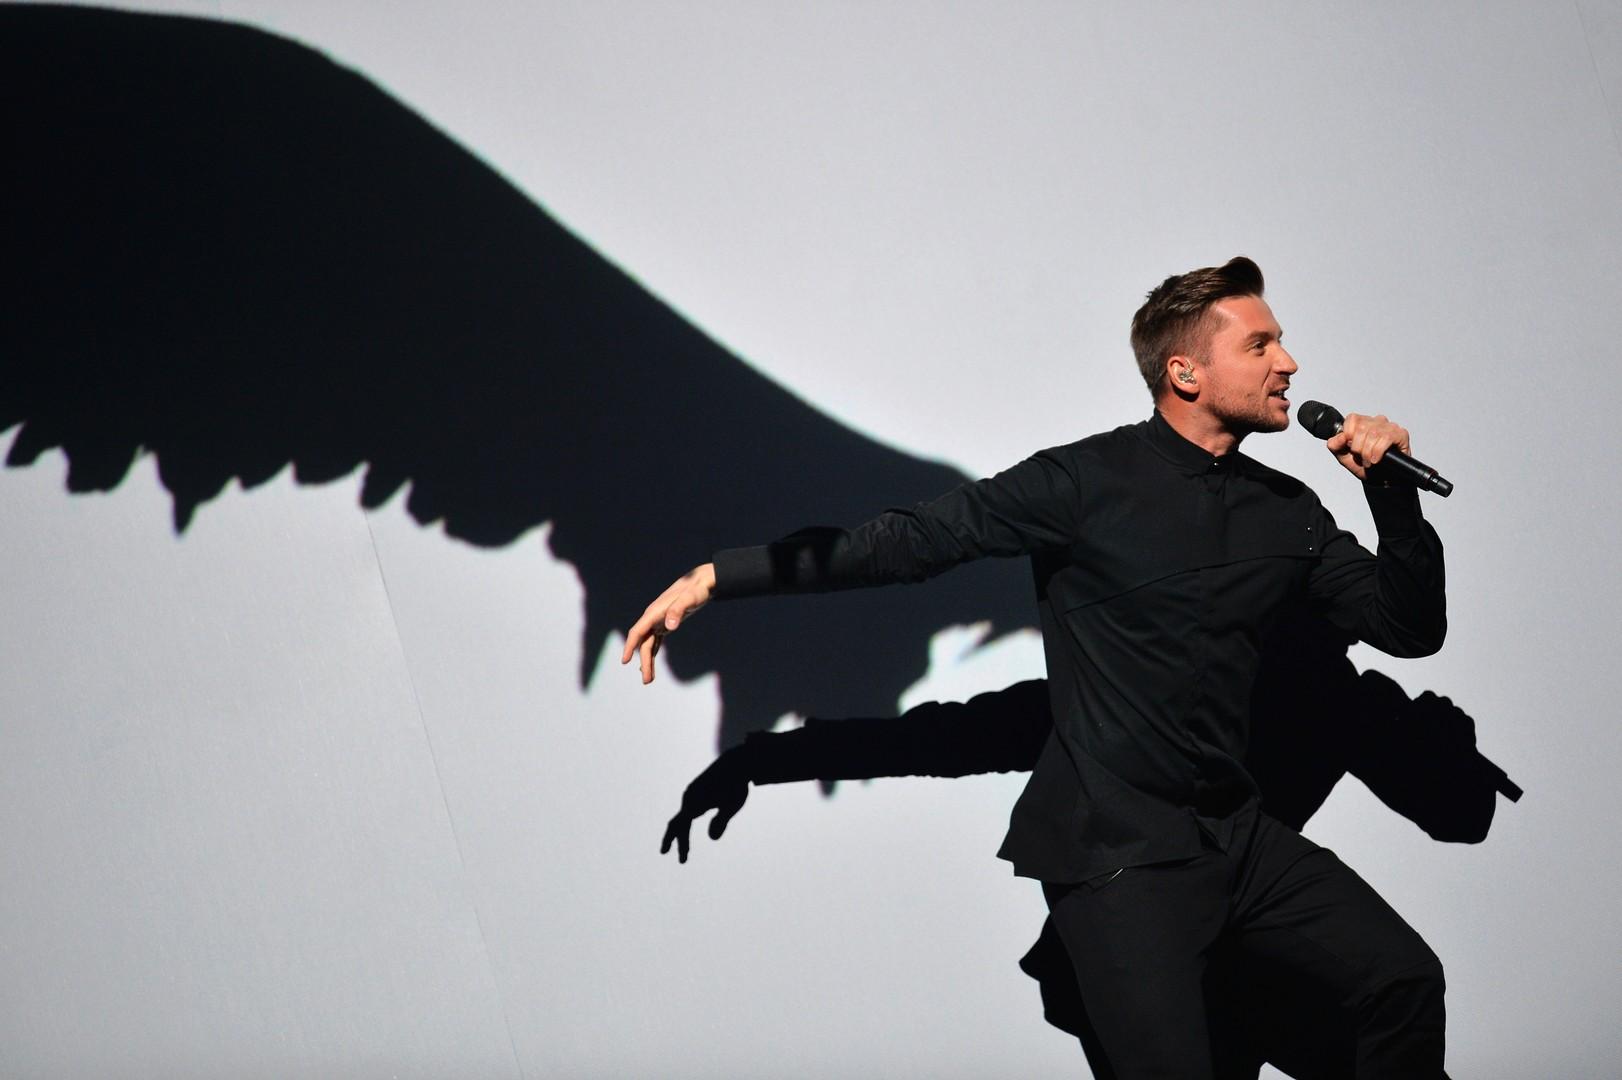 #Политвидение: Пользователей соцсетей возмутили результаты голосования на «Евровидении»